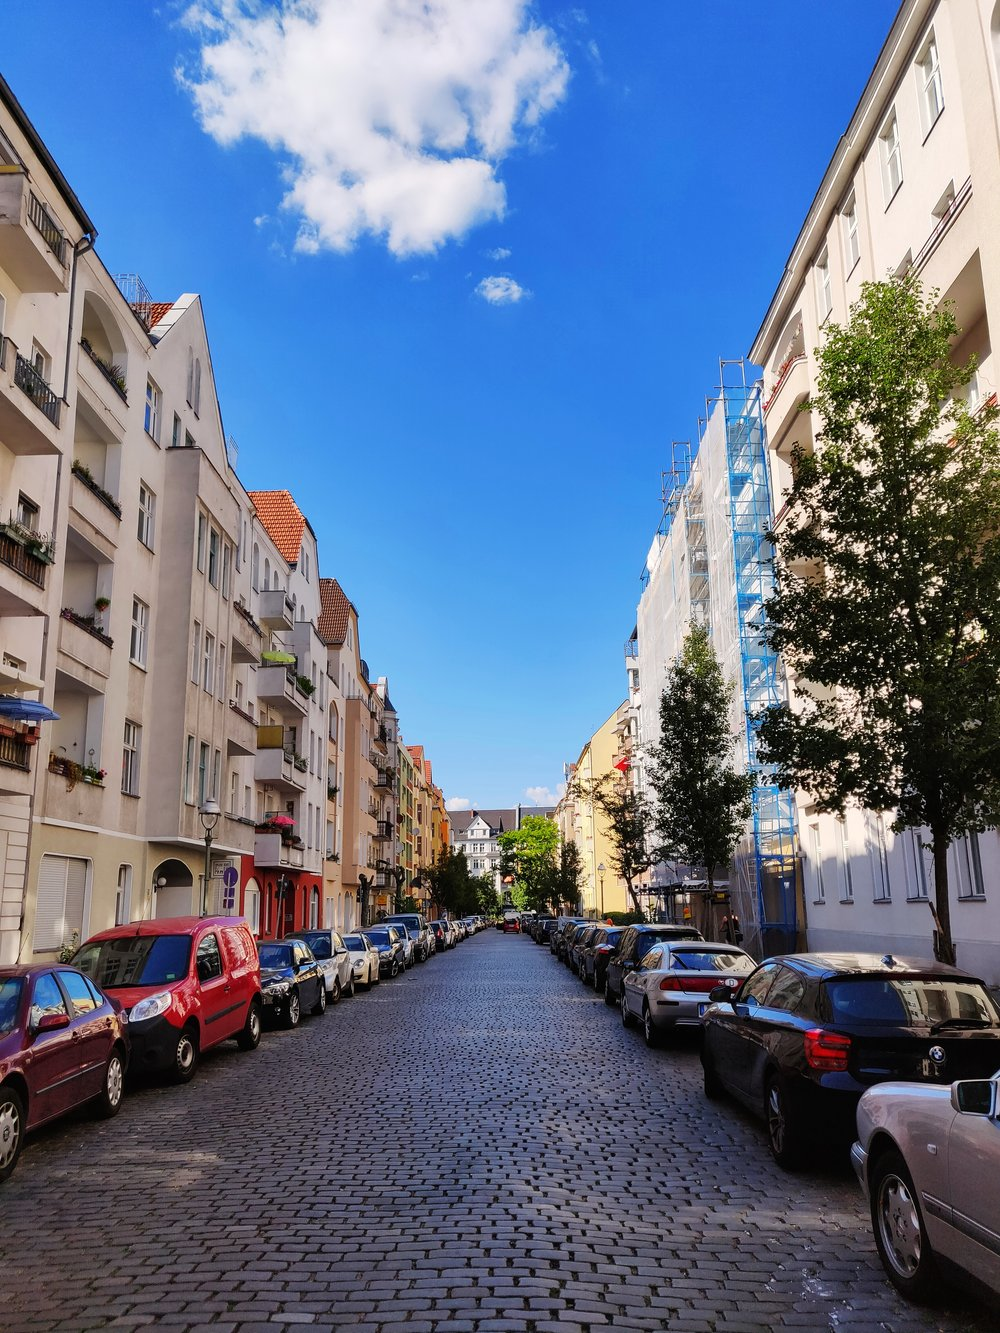 Att jobba lite är väl inte så farligt när en får vandra på gatorna i favoritstaden?!